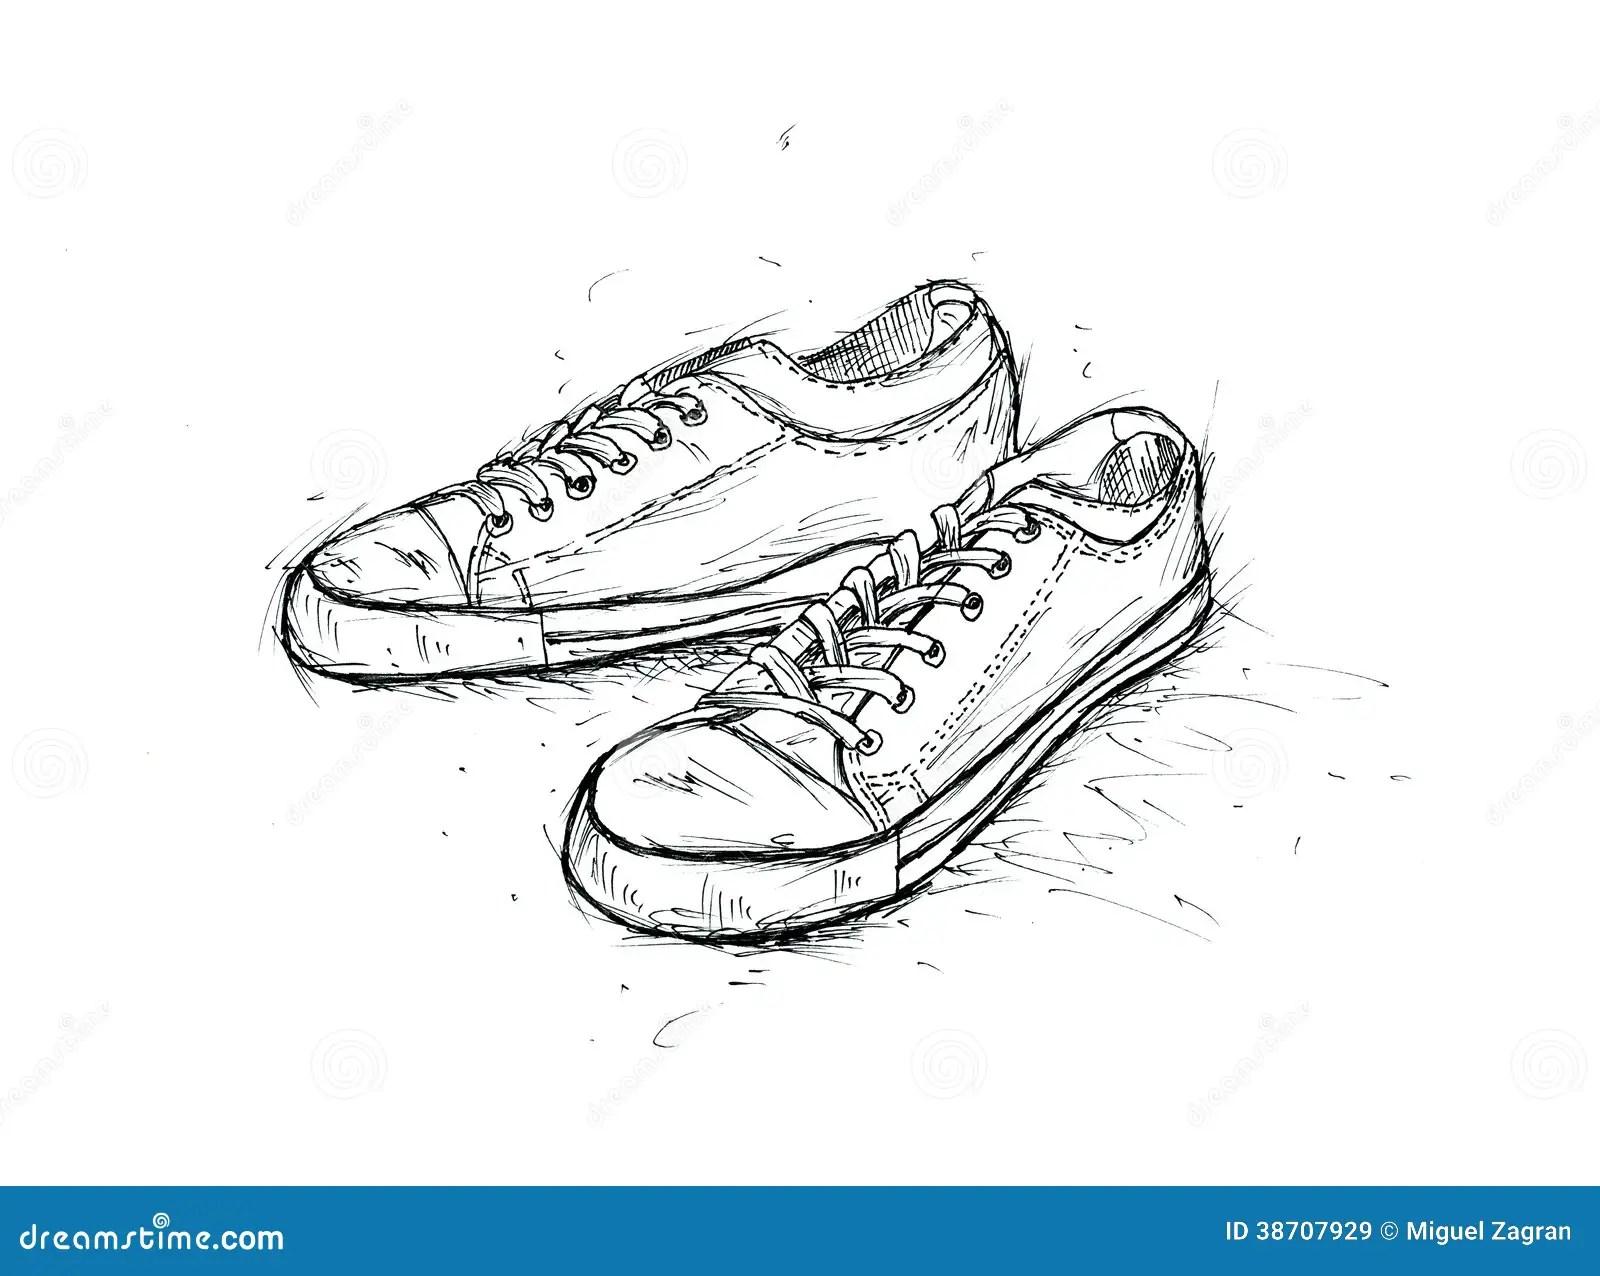 sepatupria-terbaru: A Pair Of Tennis Shoes Images